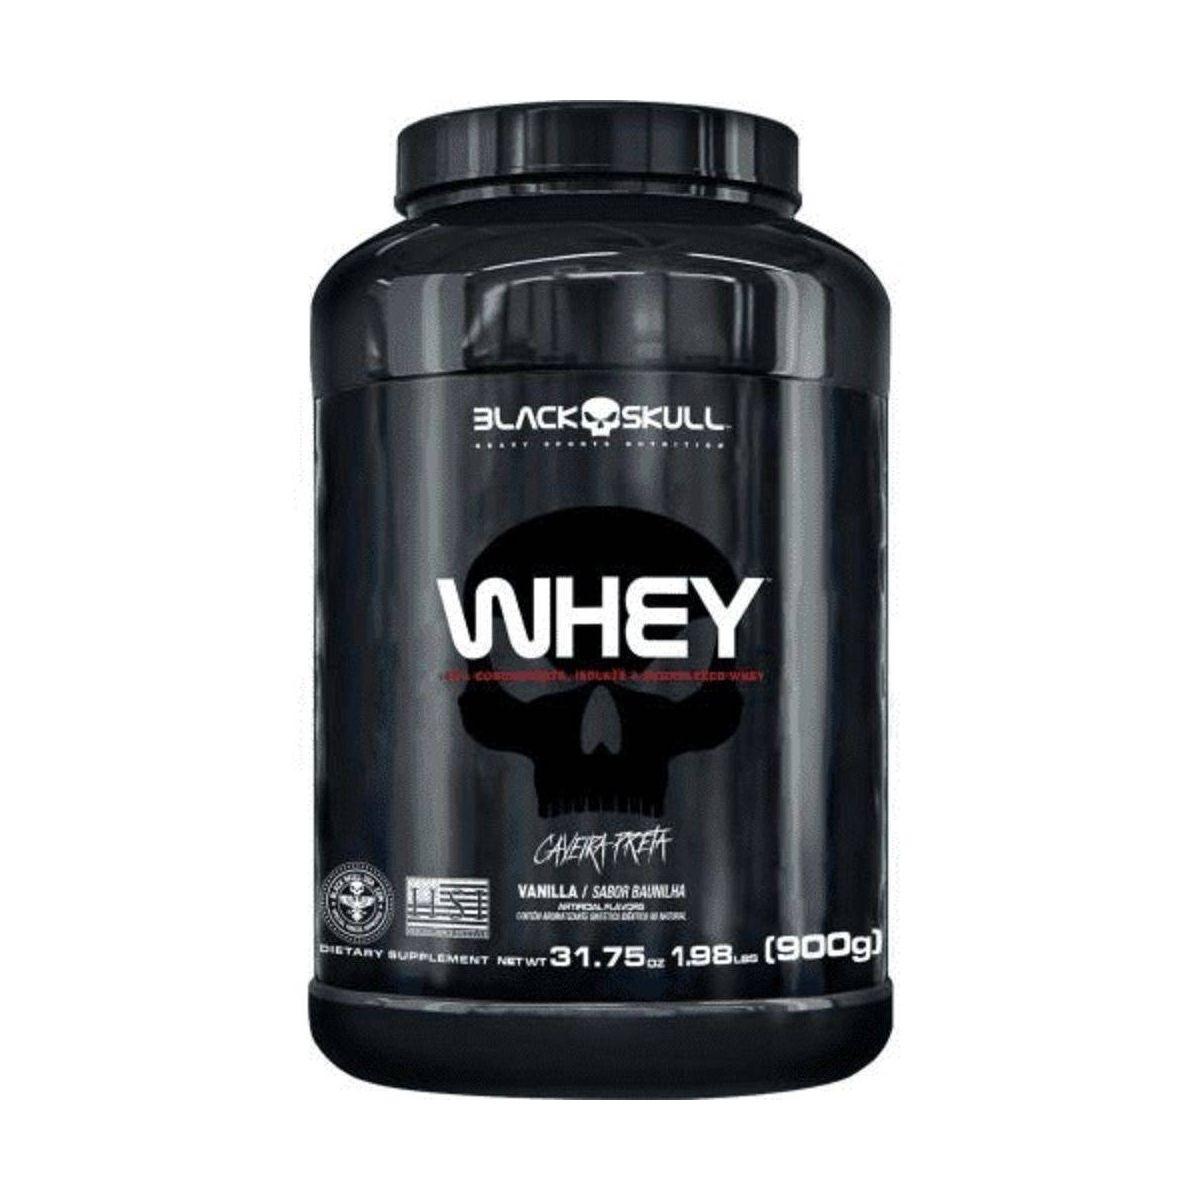 Whey Protein - 900g - Black Skull